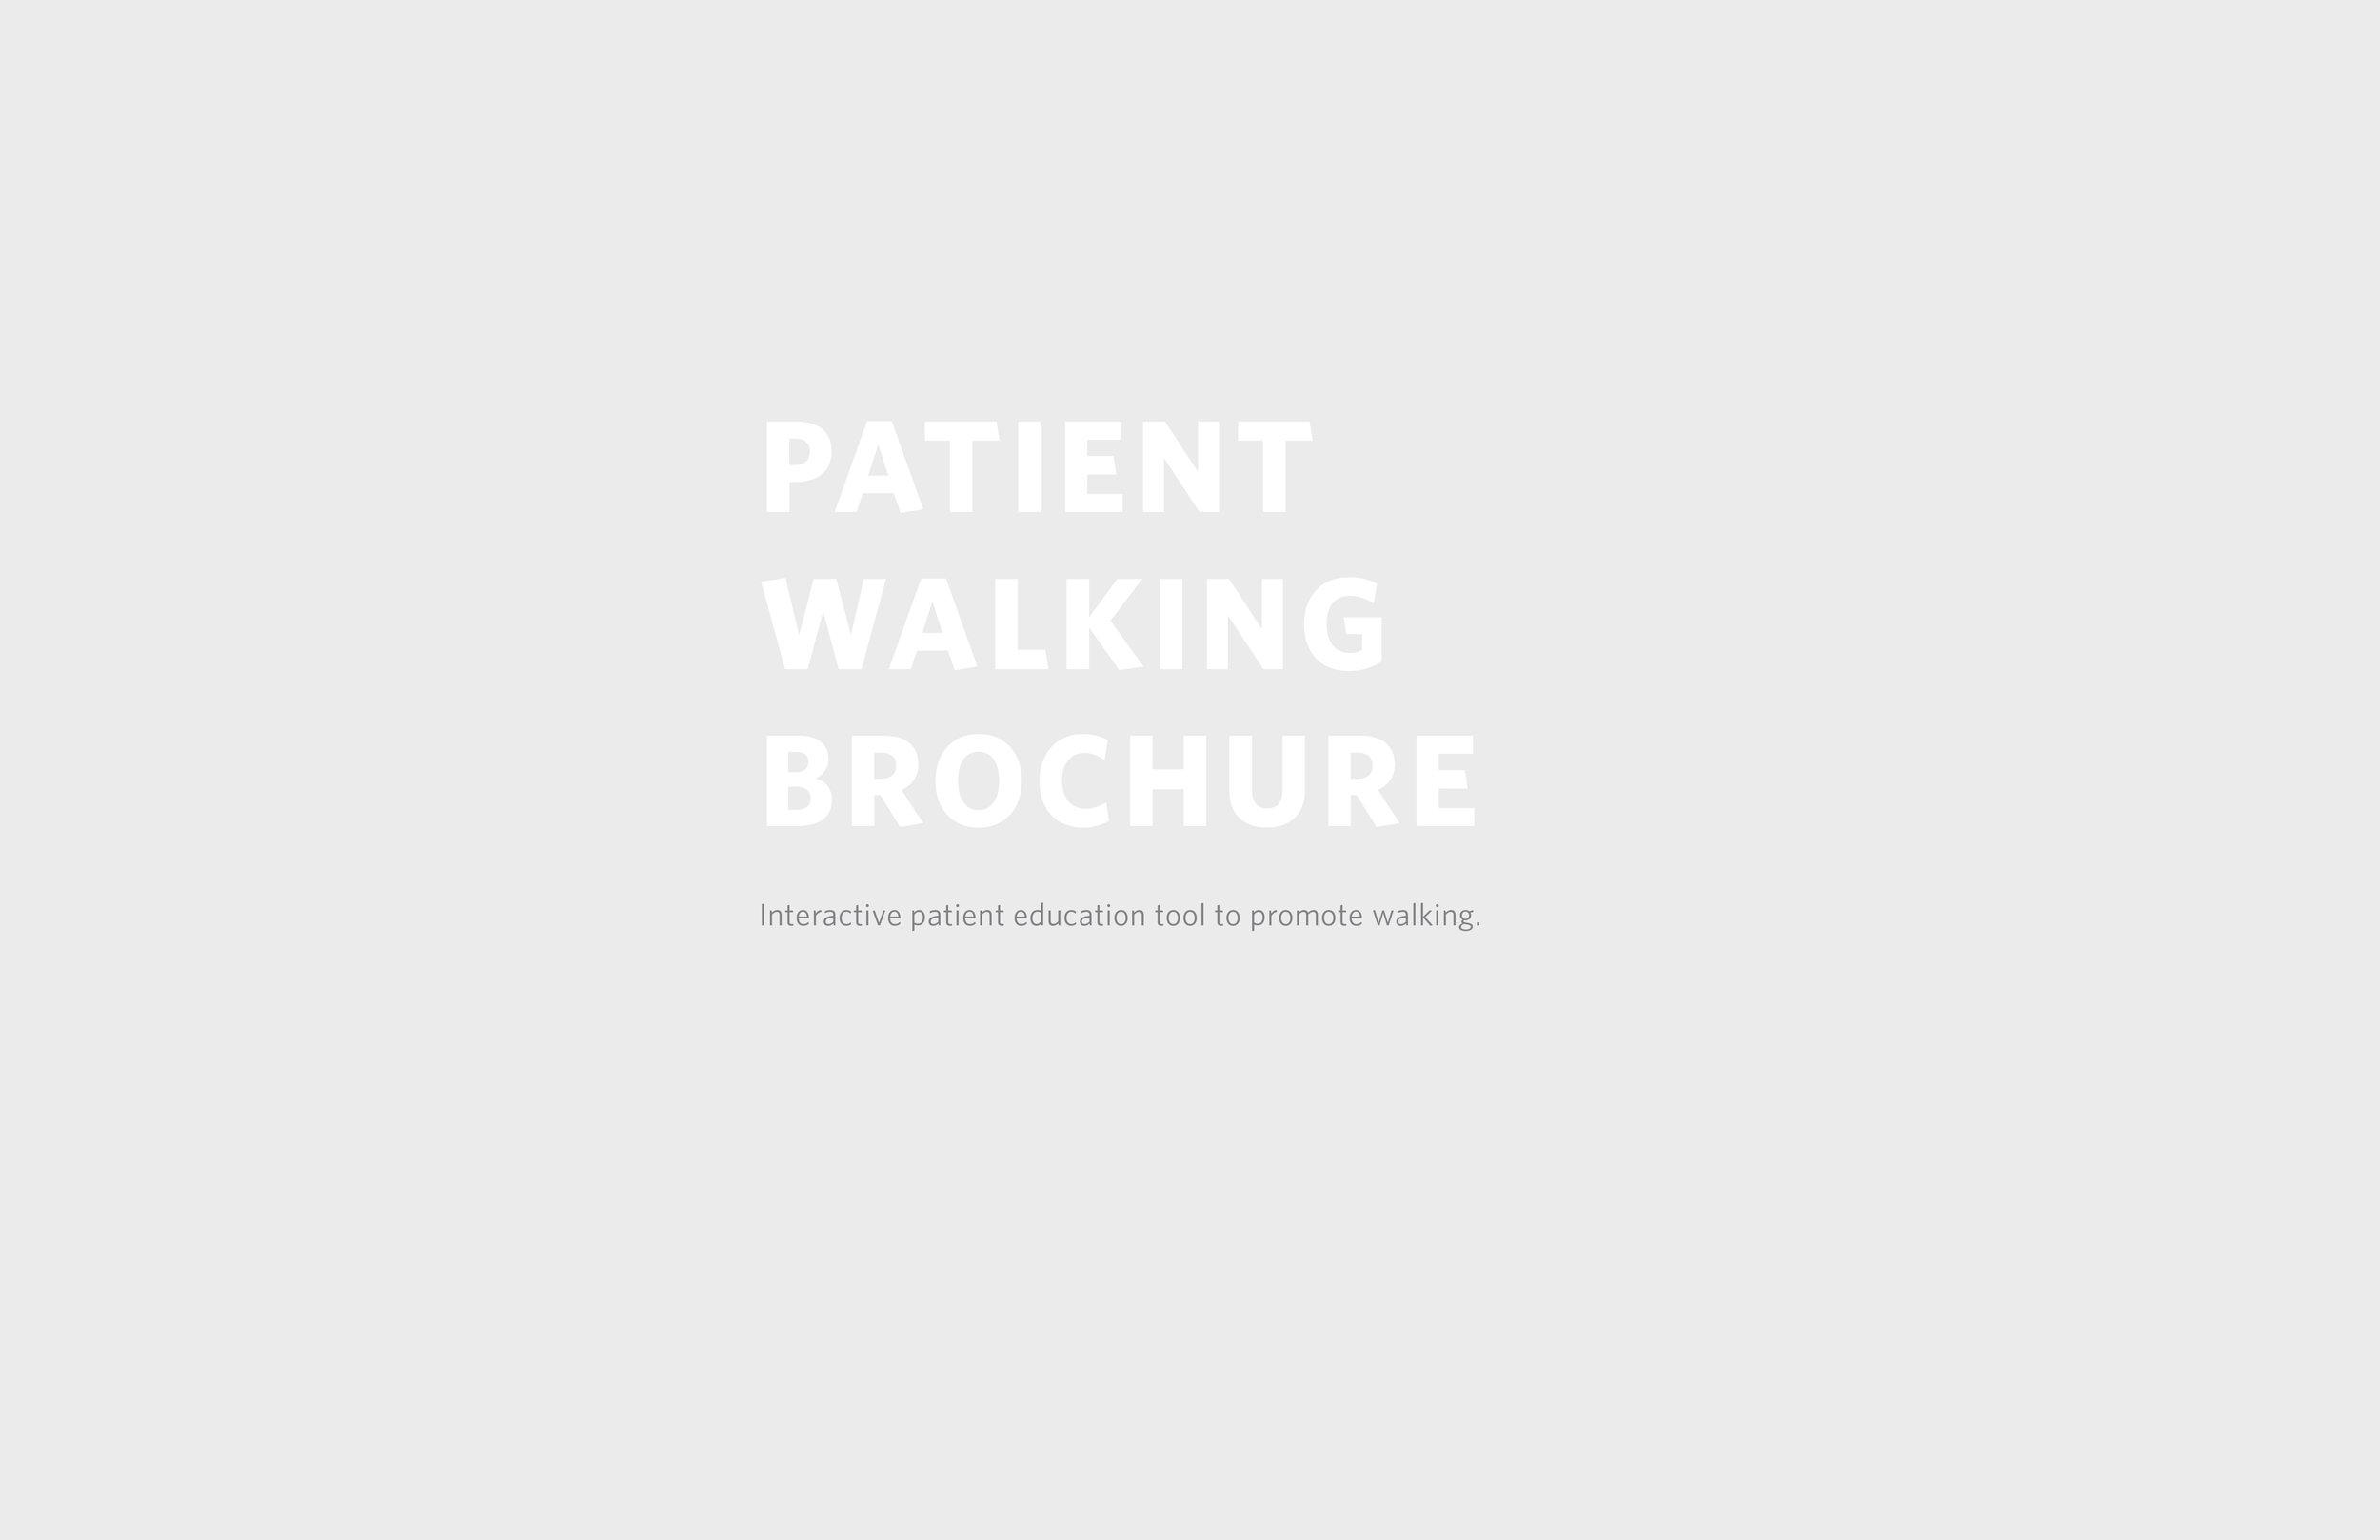 Patient Walking Brochure.jpg